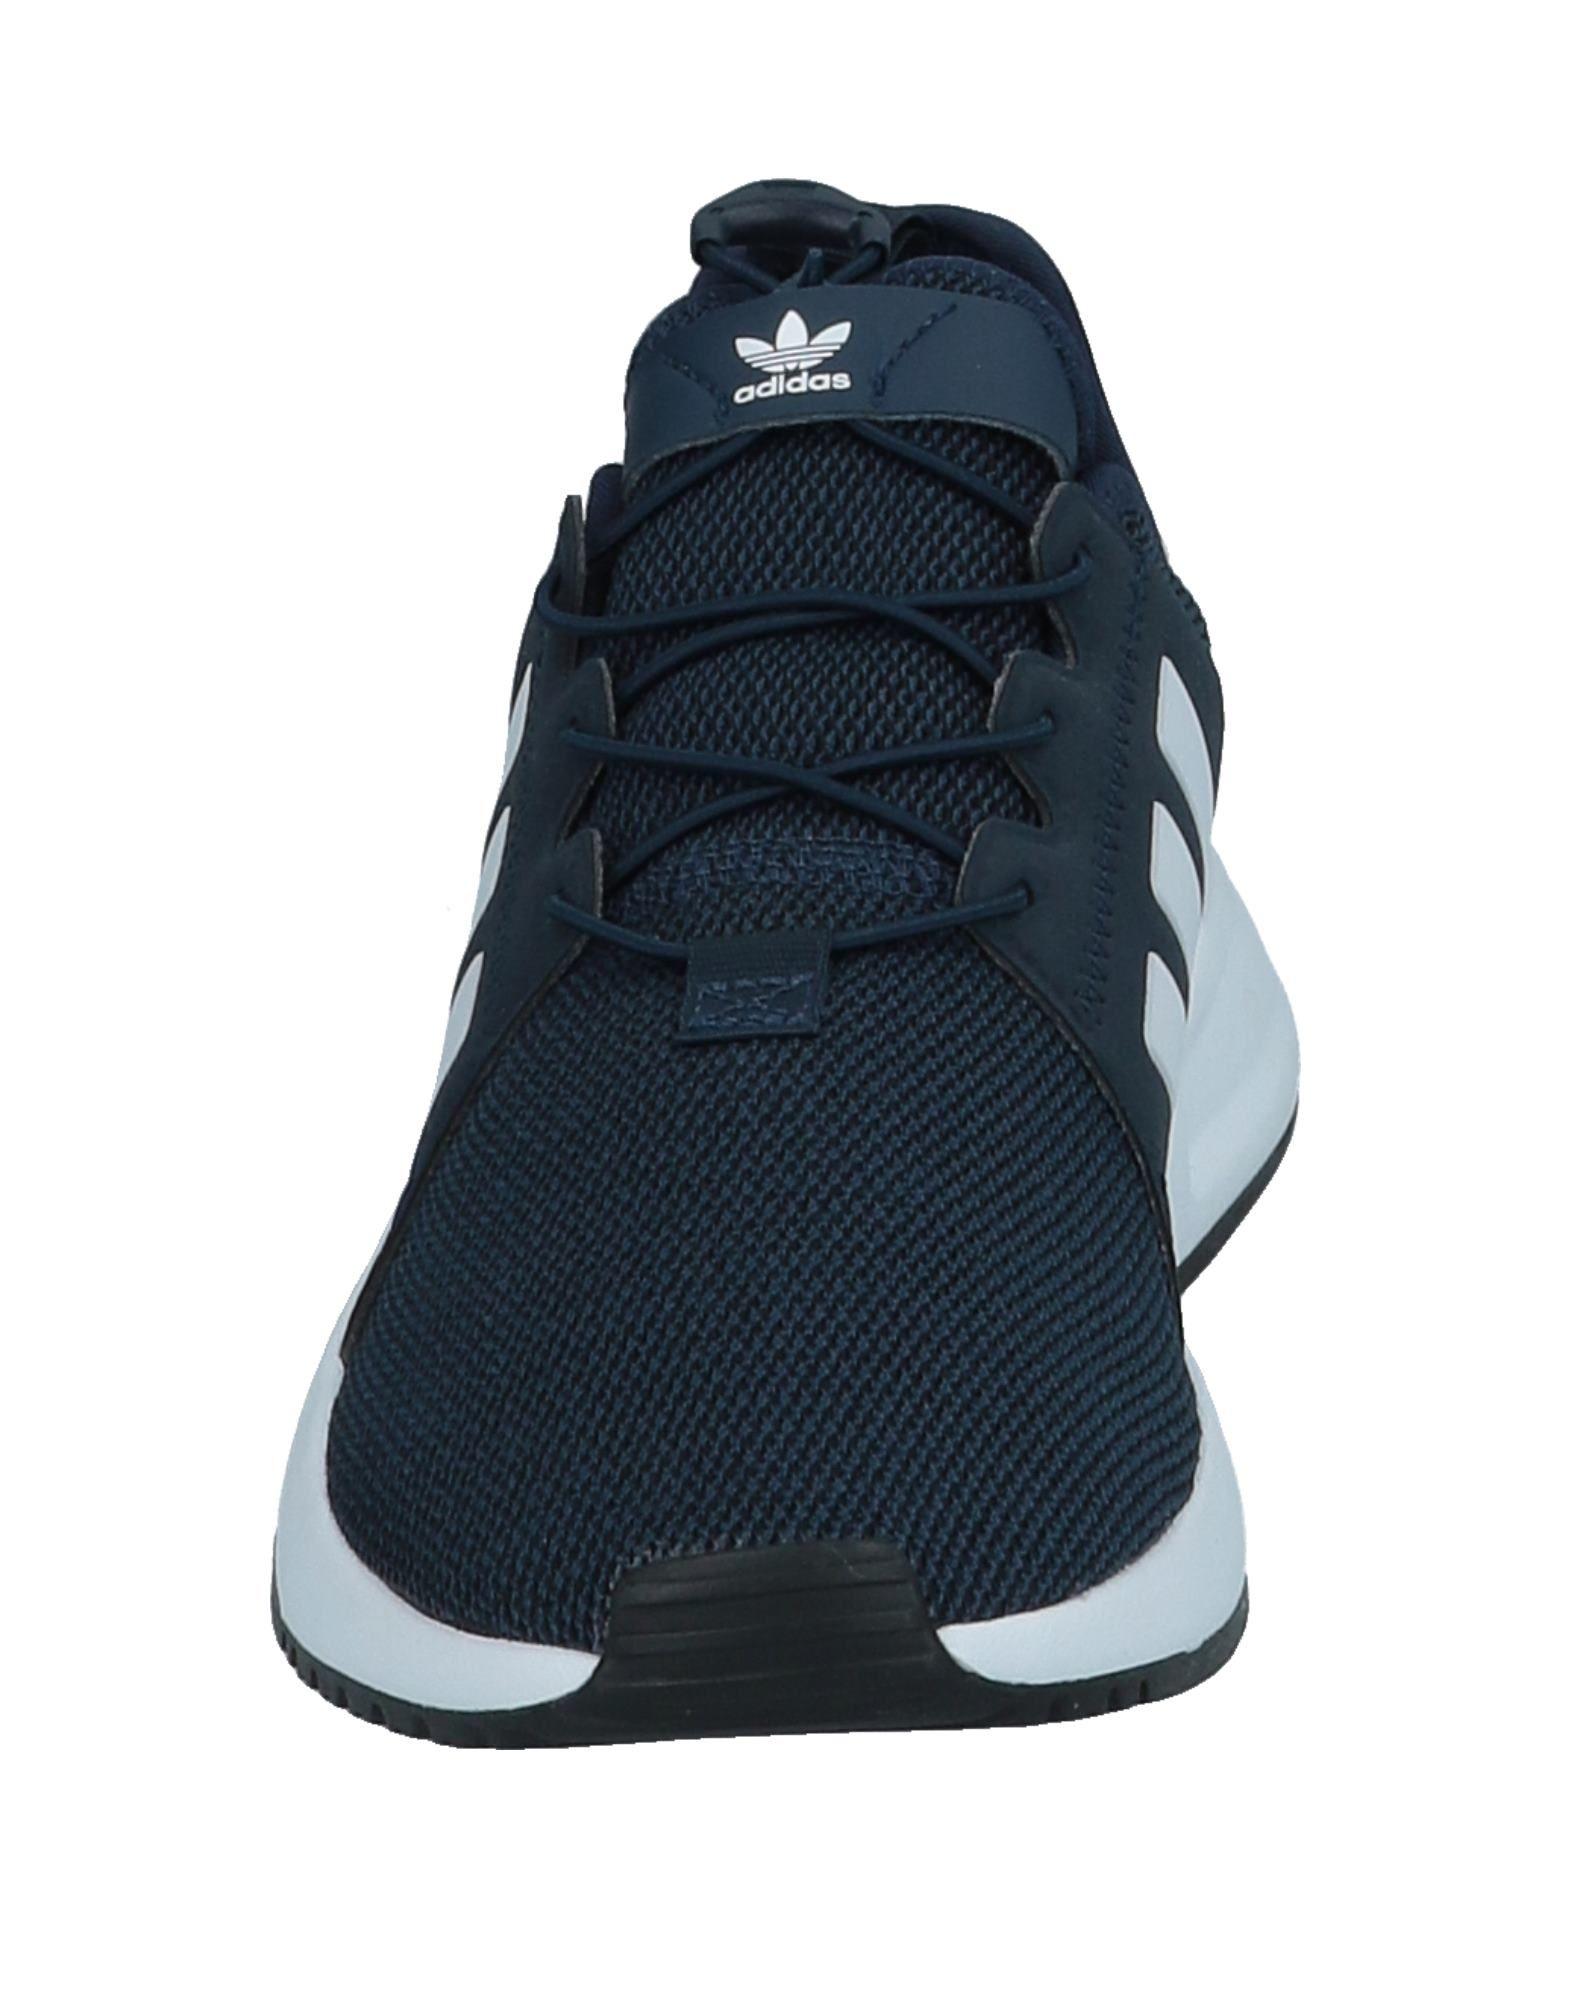 Adidas Originals Sneakers Damen beliebte  11532188XP Gute Qualität beliebte Damen Schuhe 03a050